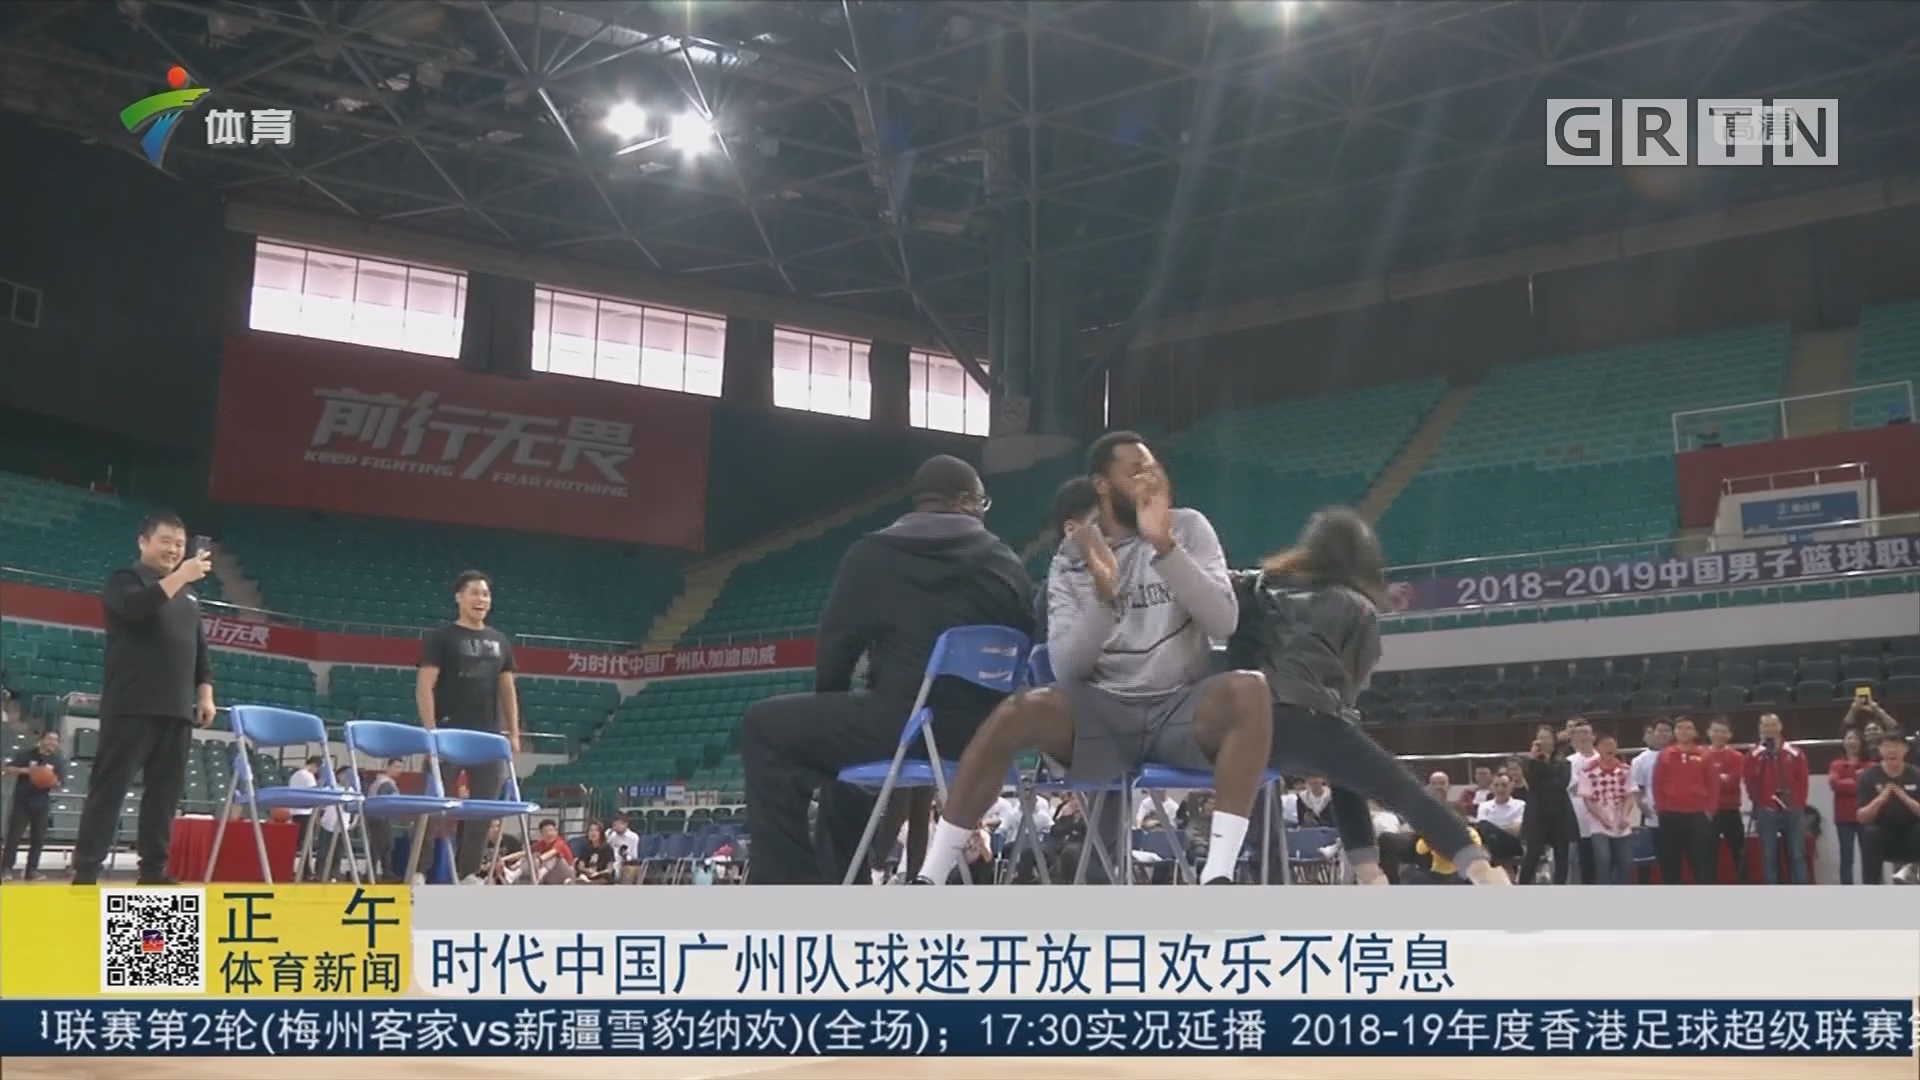 时代中国广州队球迷开放日欢乐不停息